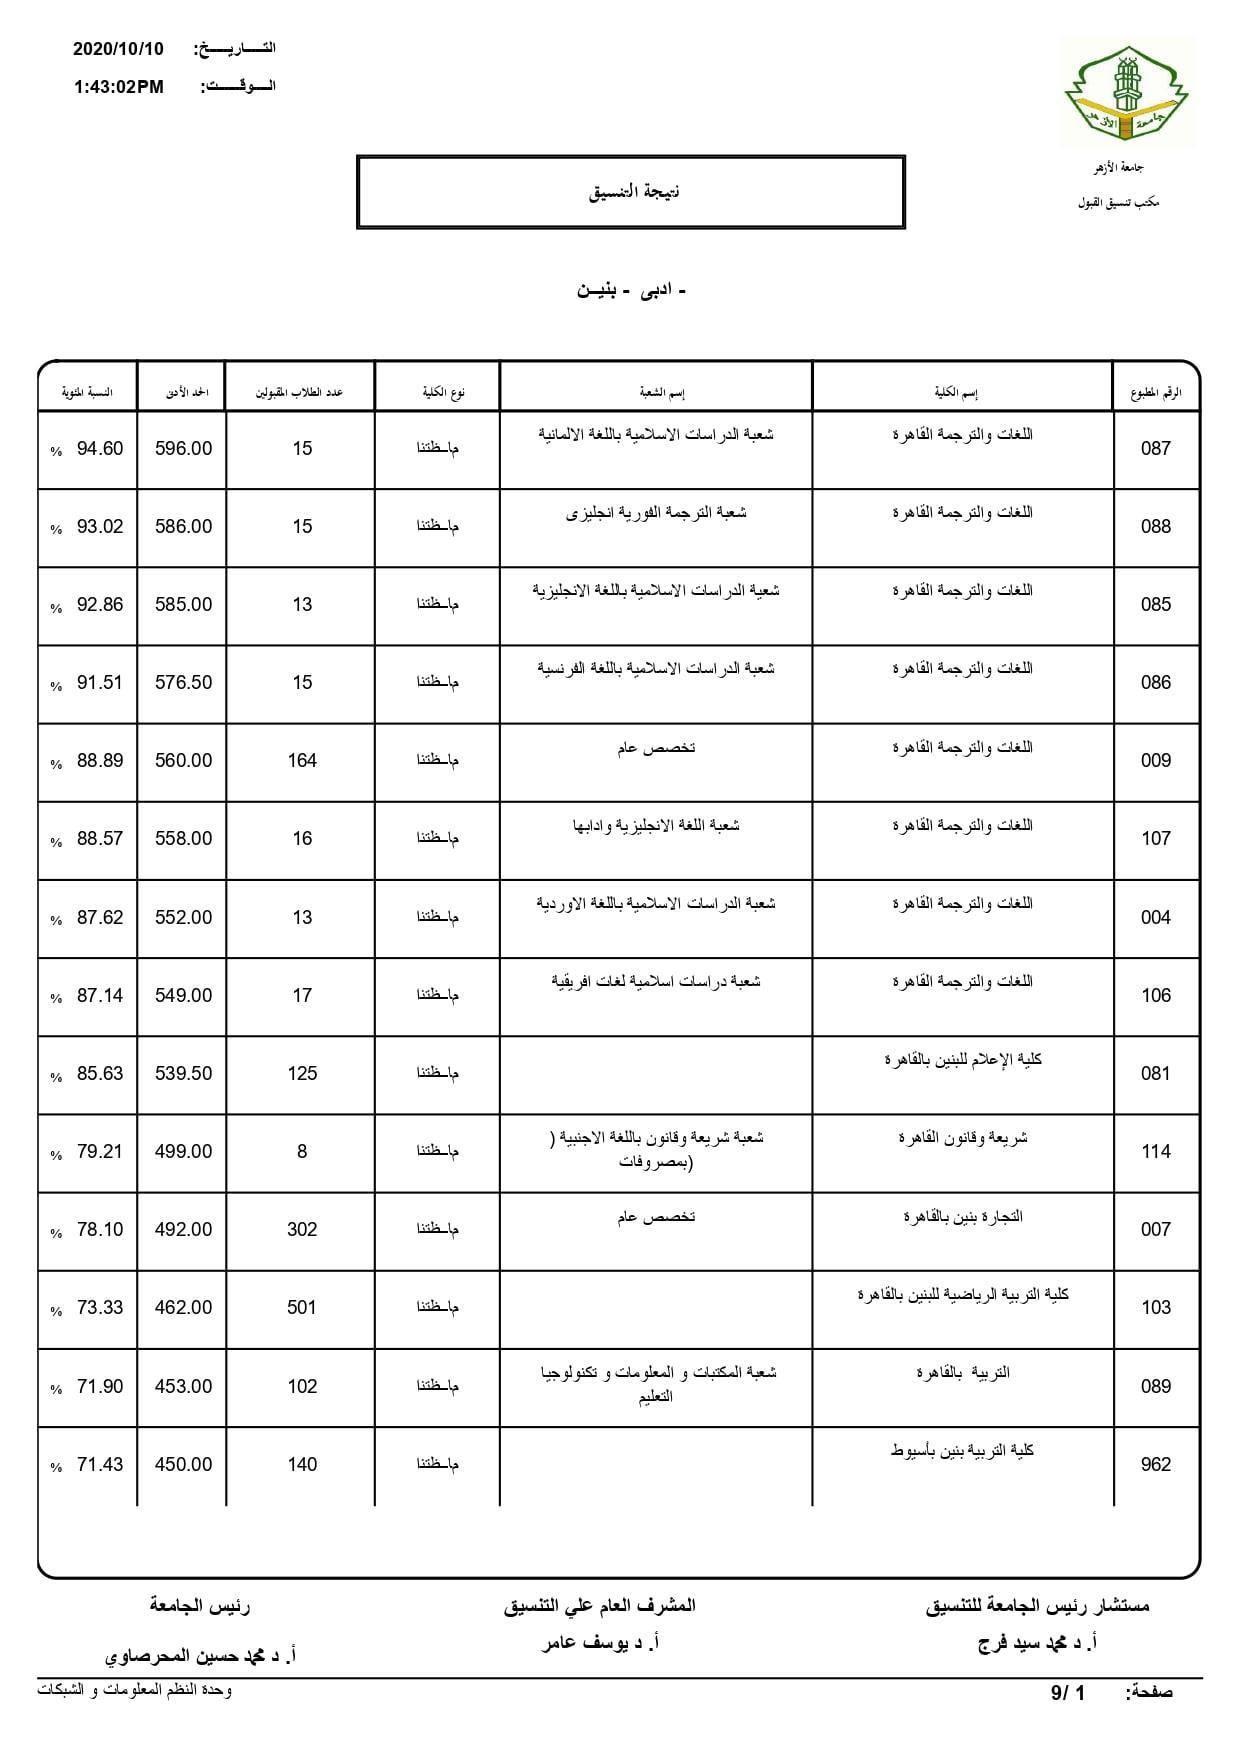 نتيجة تنسيق كليات جامعة الأزهر لعام 2020 بالكامل 20201010201632597